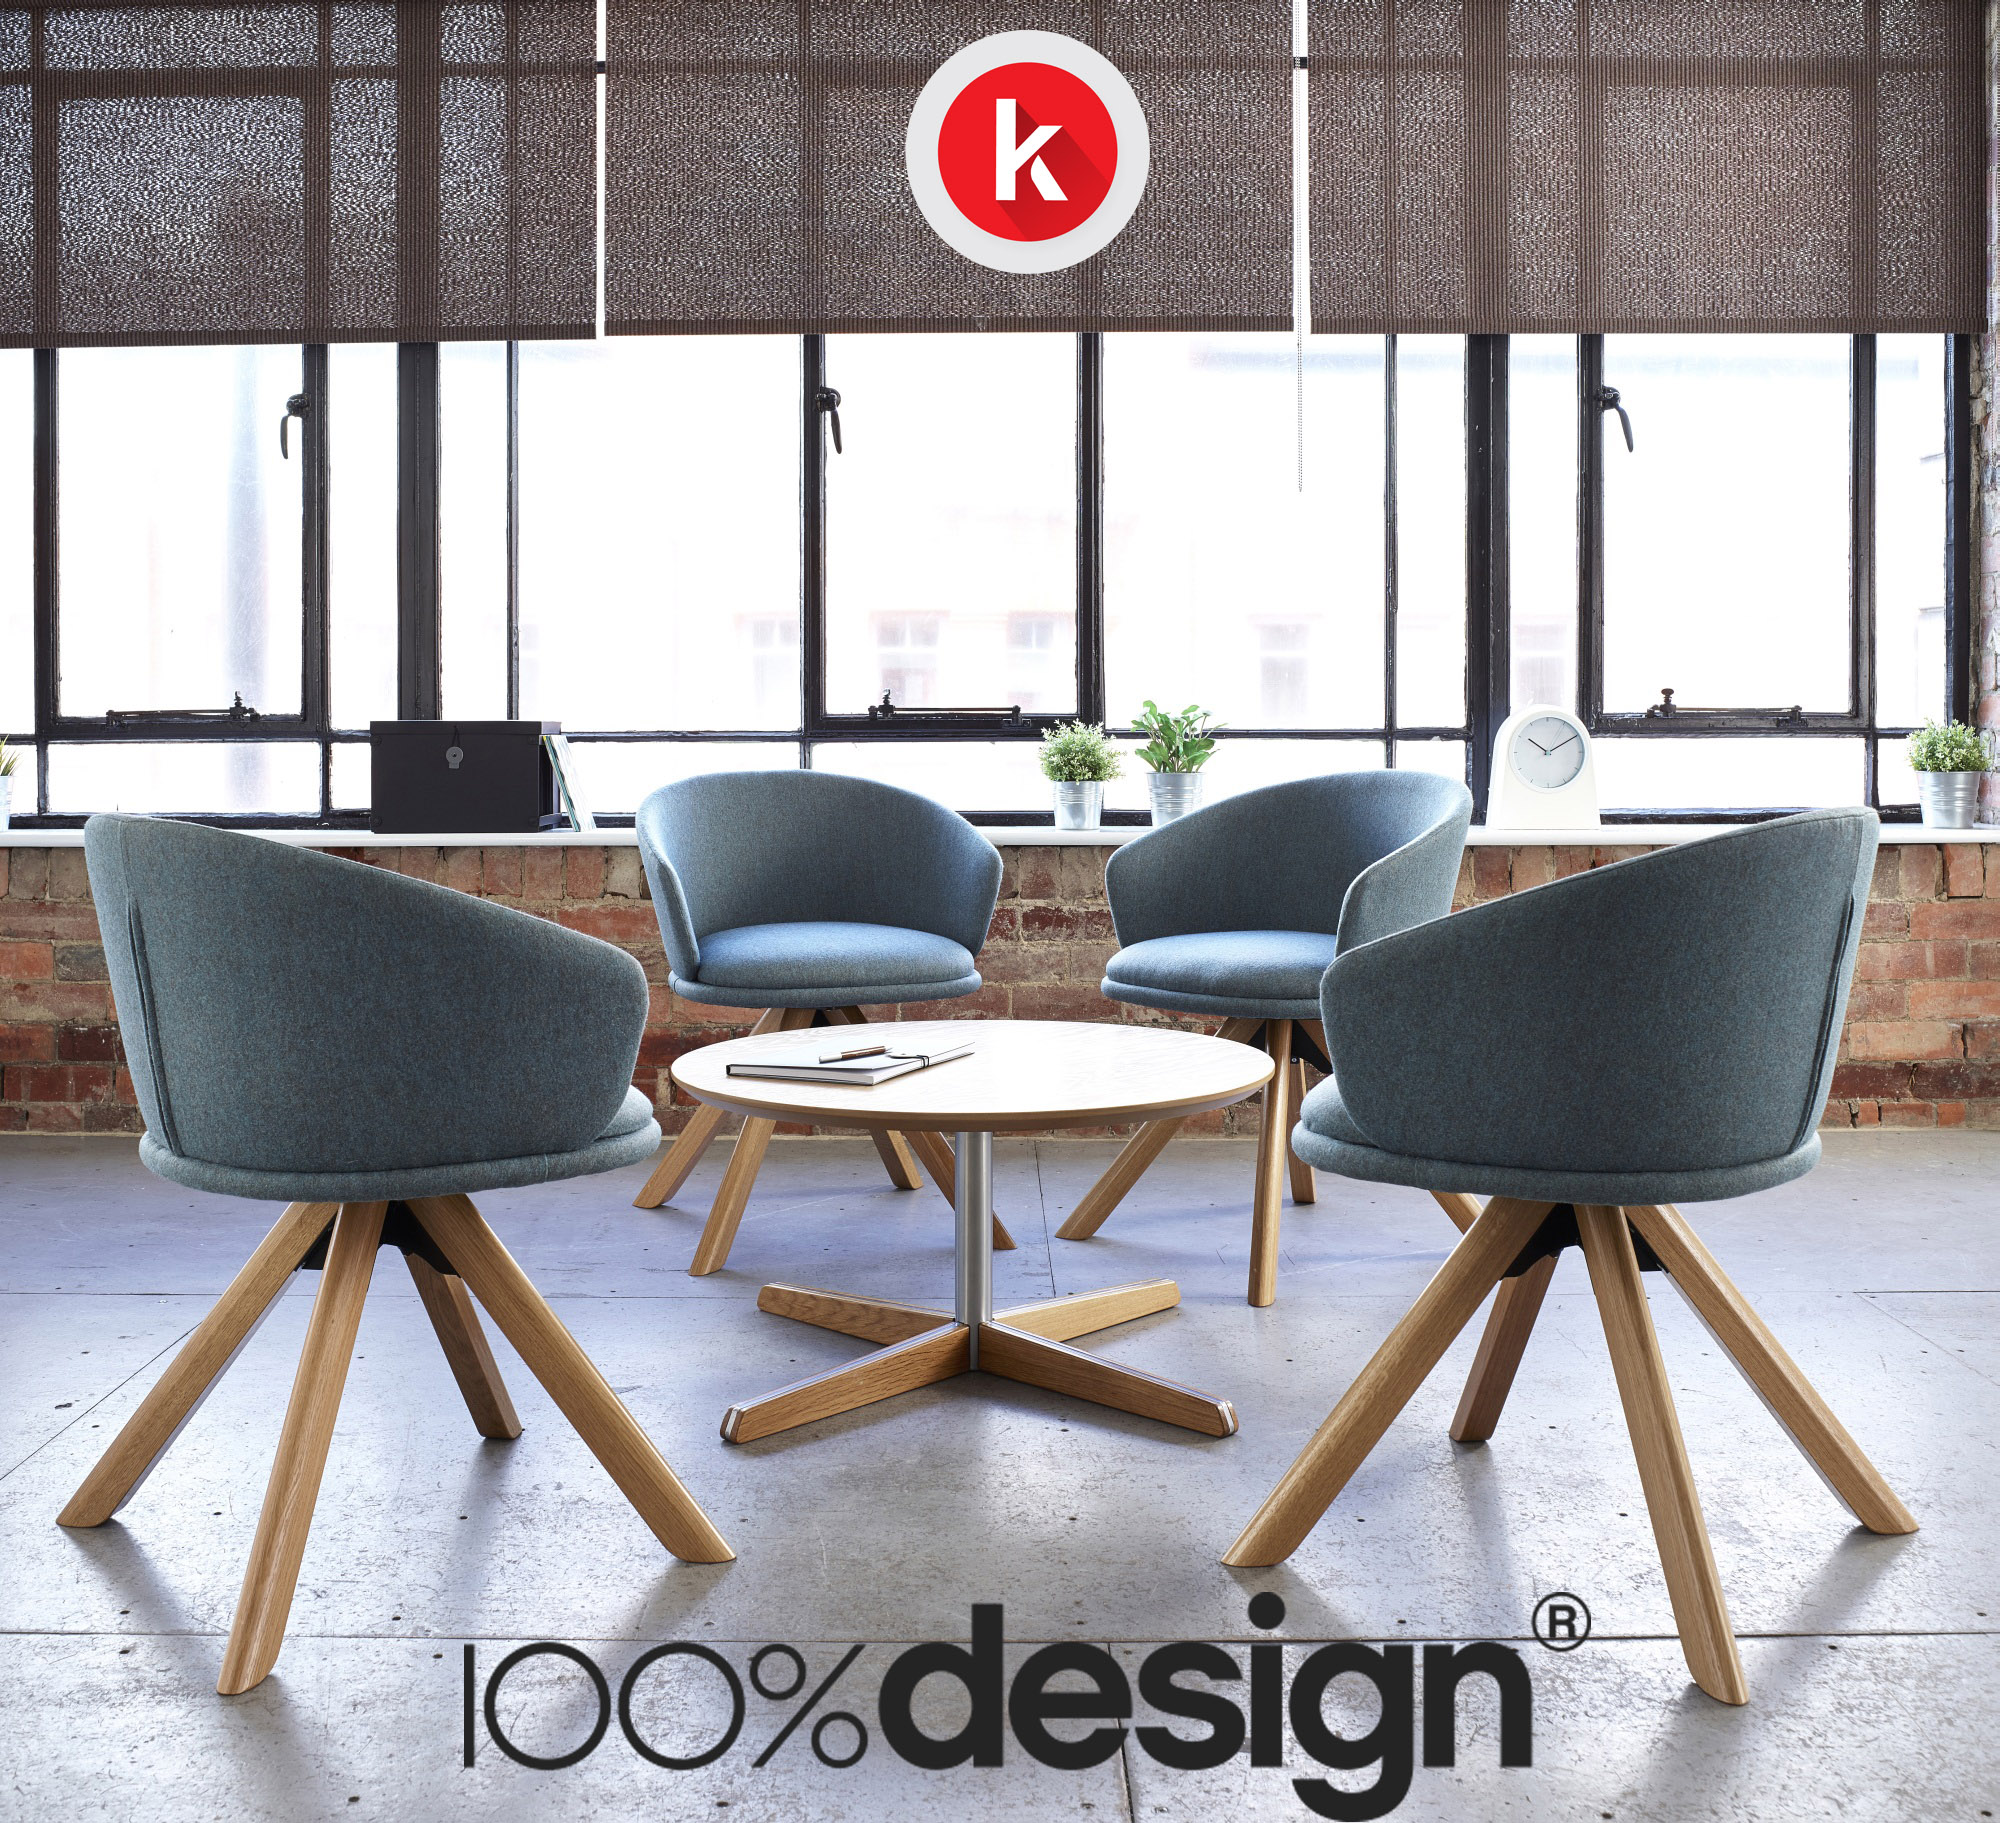 KFP 100